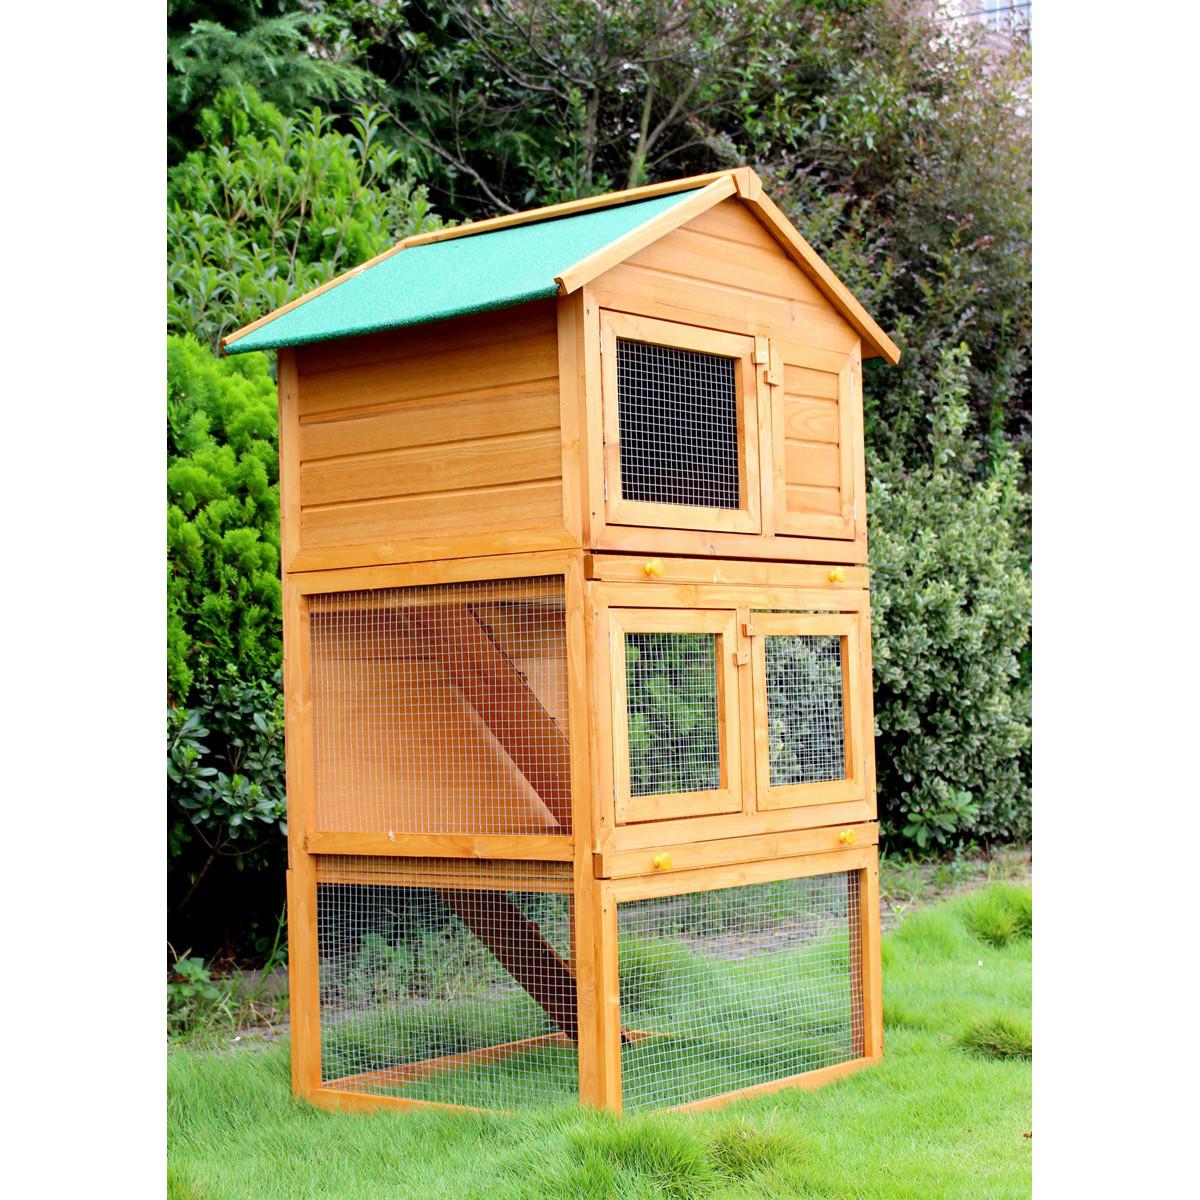 grosser nagerk fig hasenstall gratis lieferung. Black Bedroom Furniture Sets. Home Design Ideas